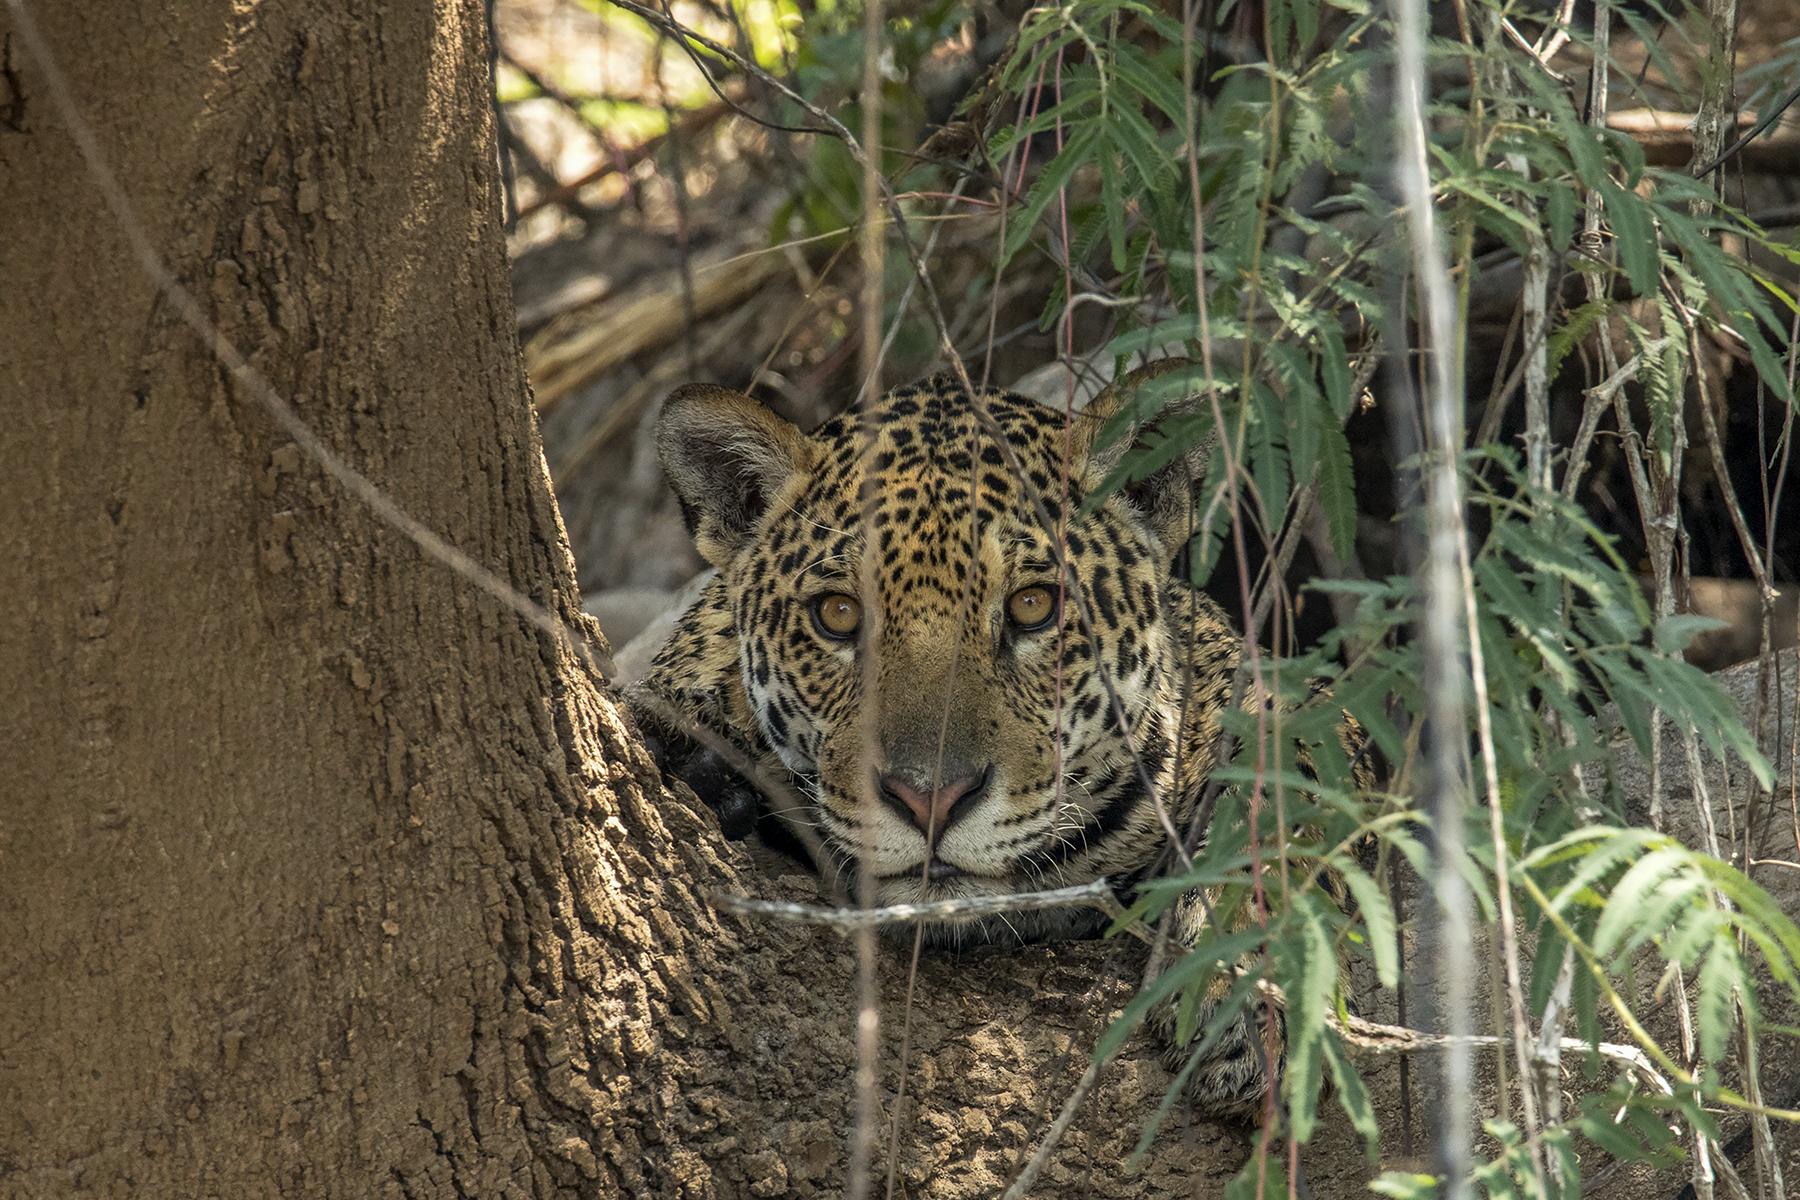 The Jaguar of the Pantanal...